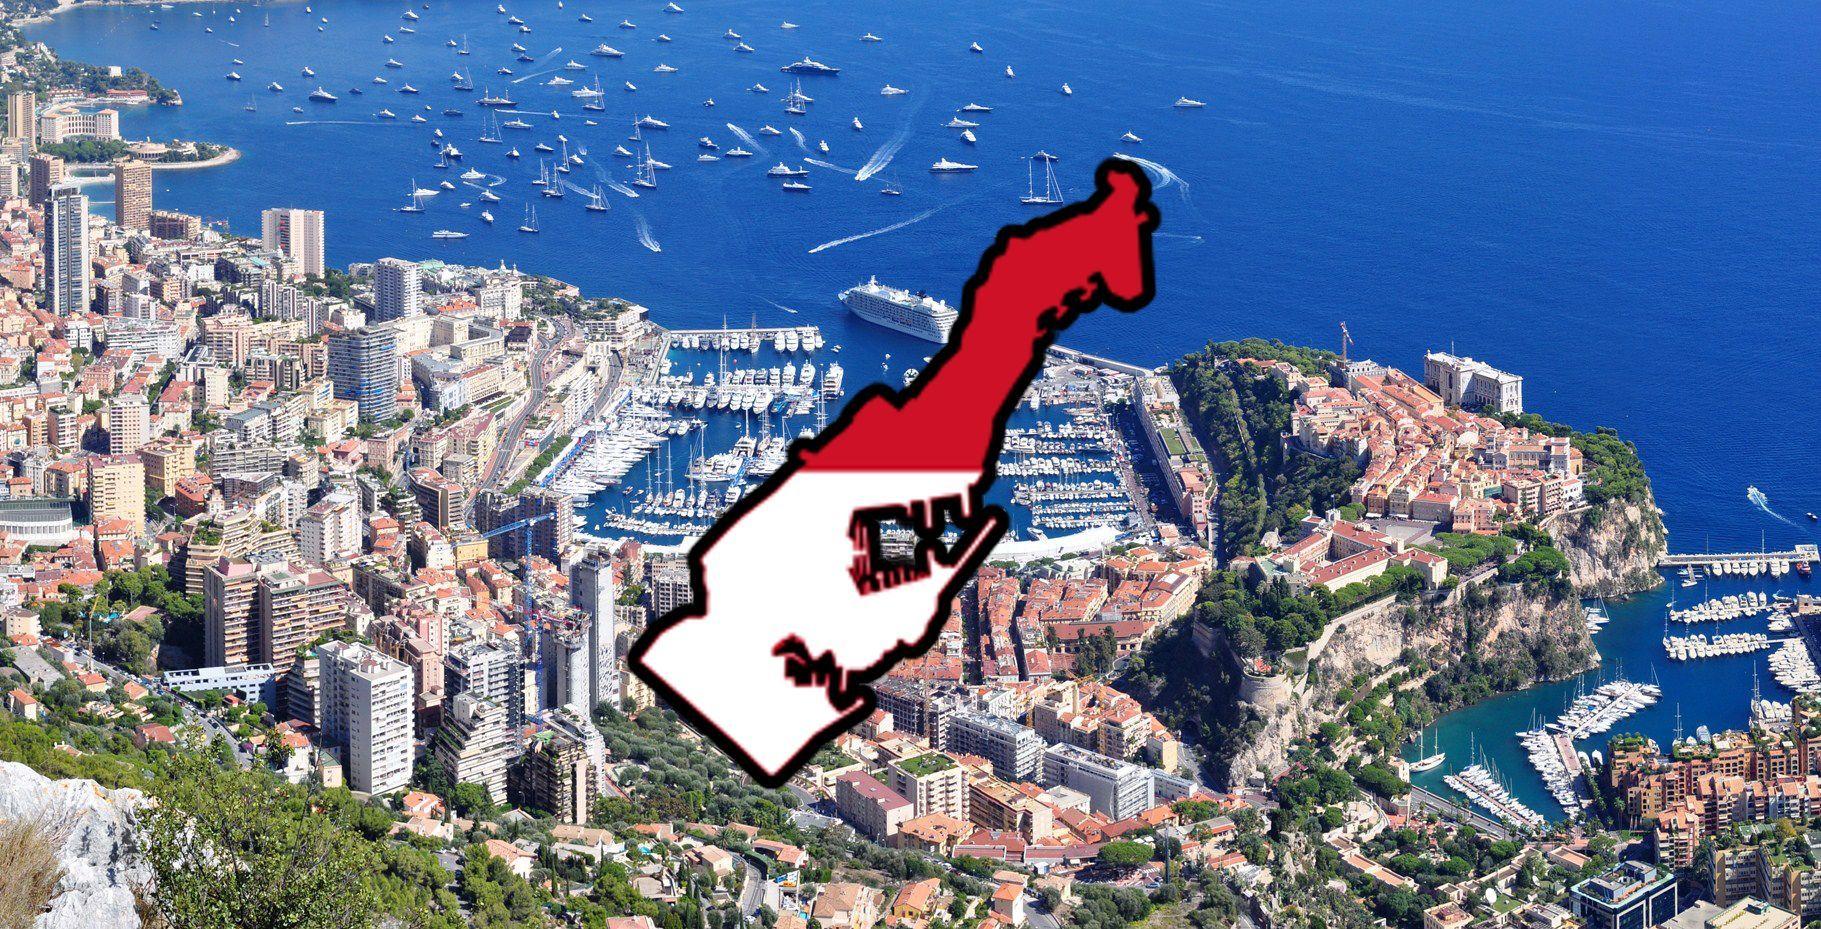 Pasamos a Mónaco. Su Gran Premio de F1 es uno de los eventos deportivos de cada año, ¿sabrías decir en qué estación se celebra?